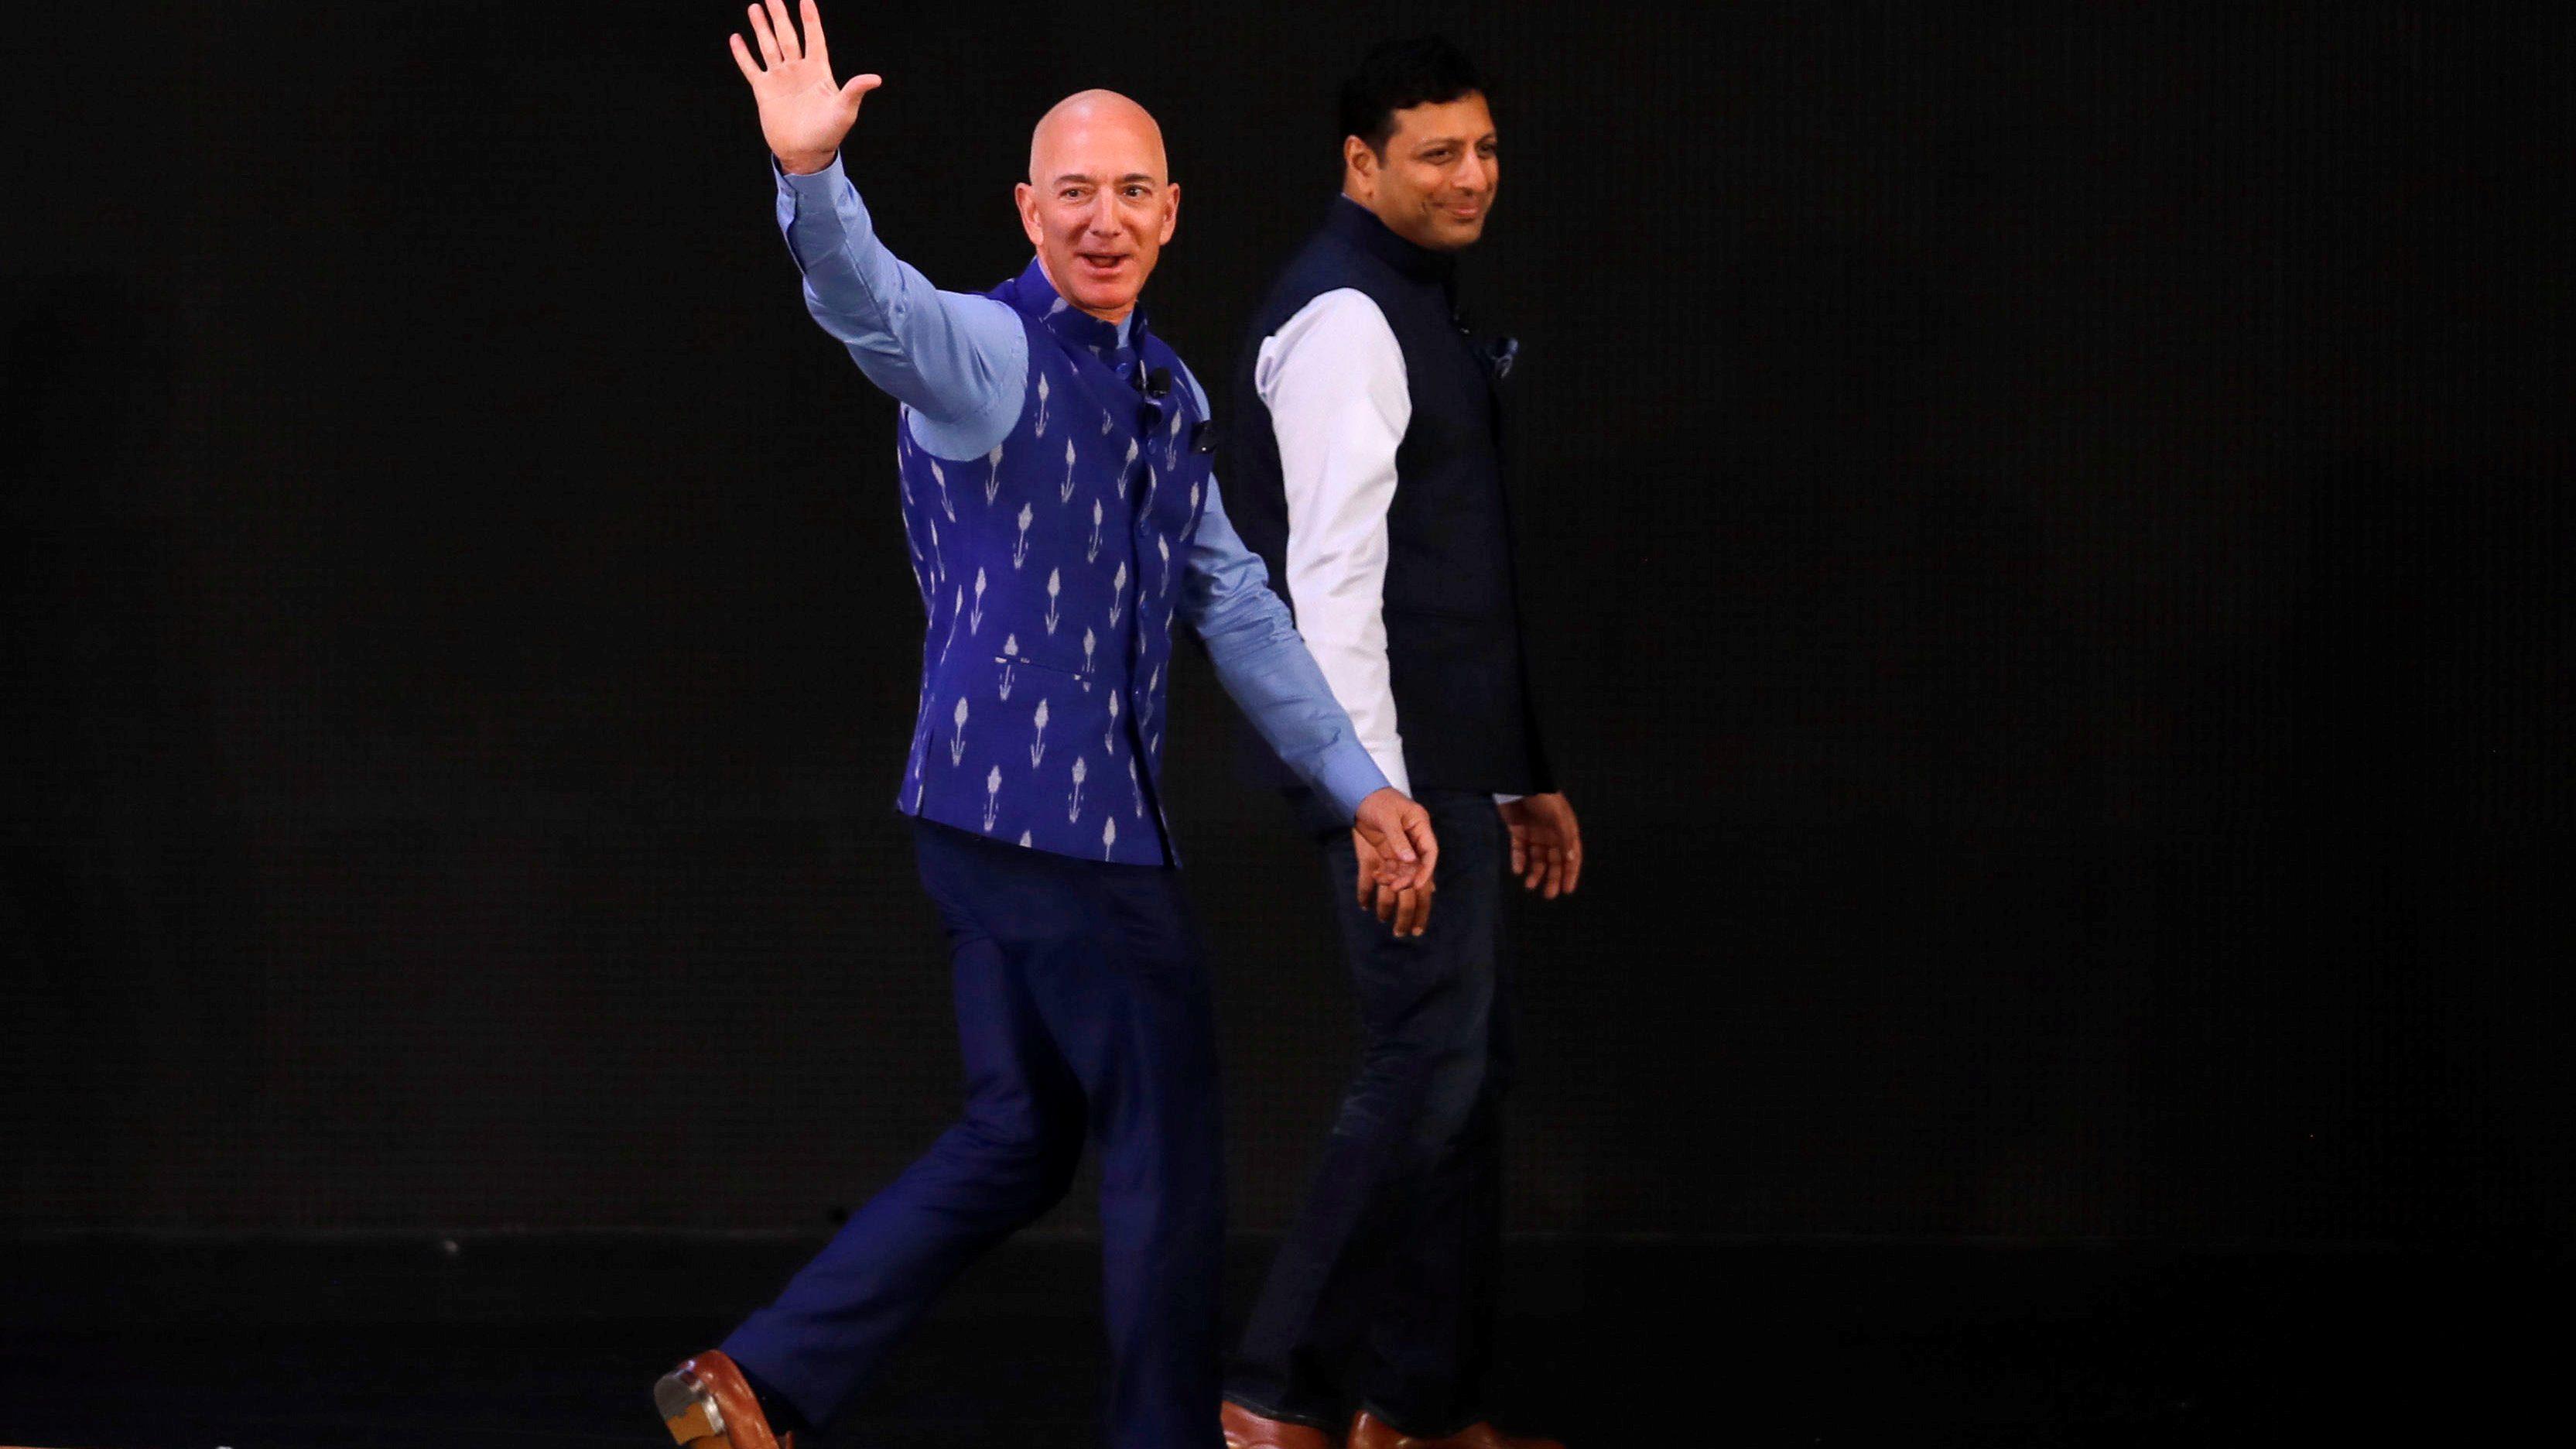 Jeff Bezos, founder of Amazon, attends a company event in New Delhi